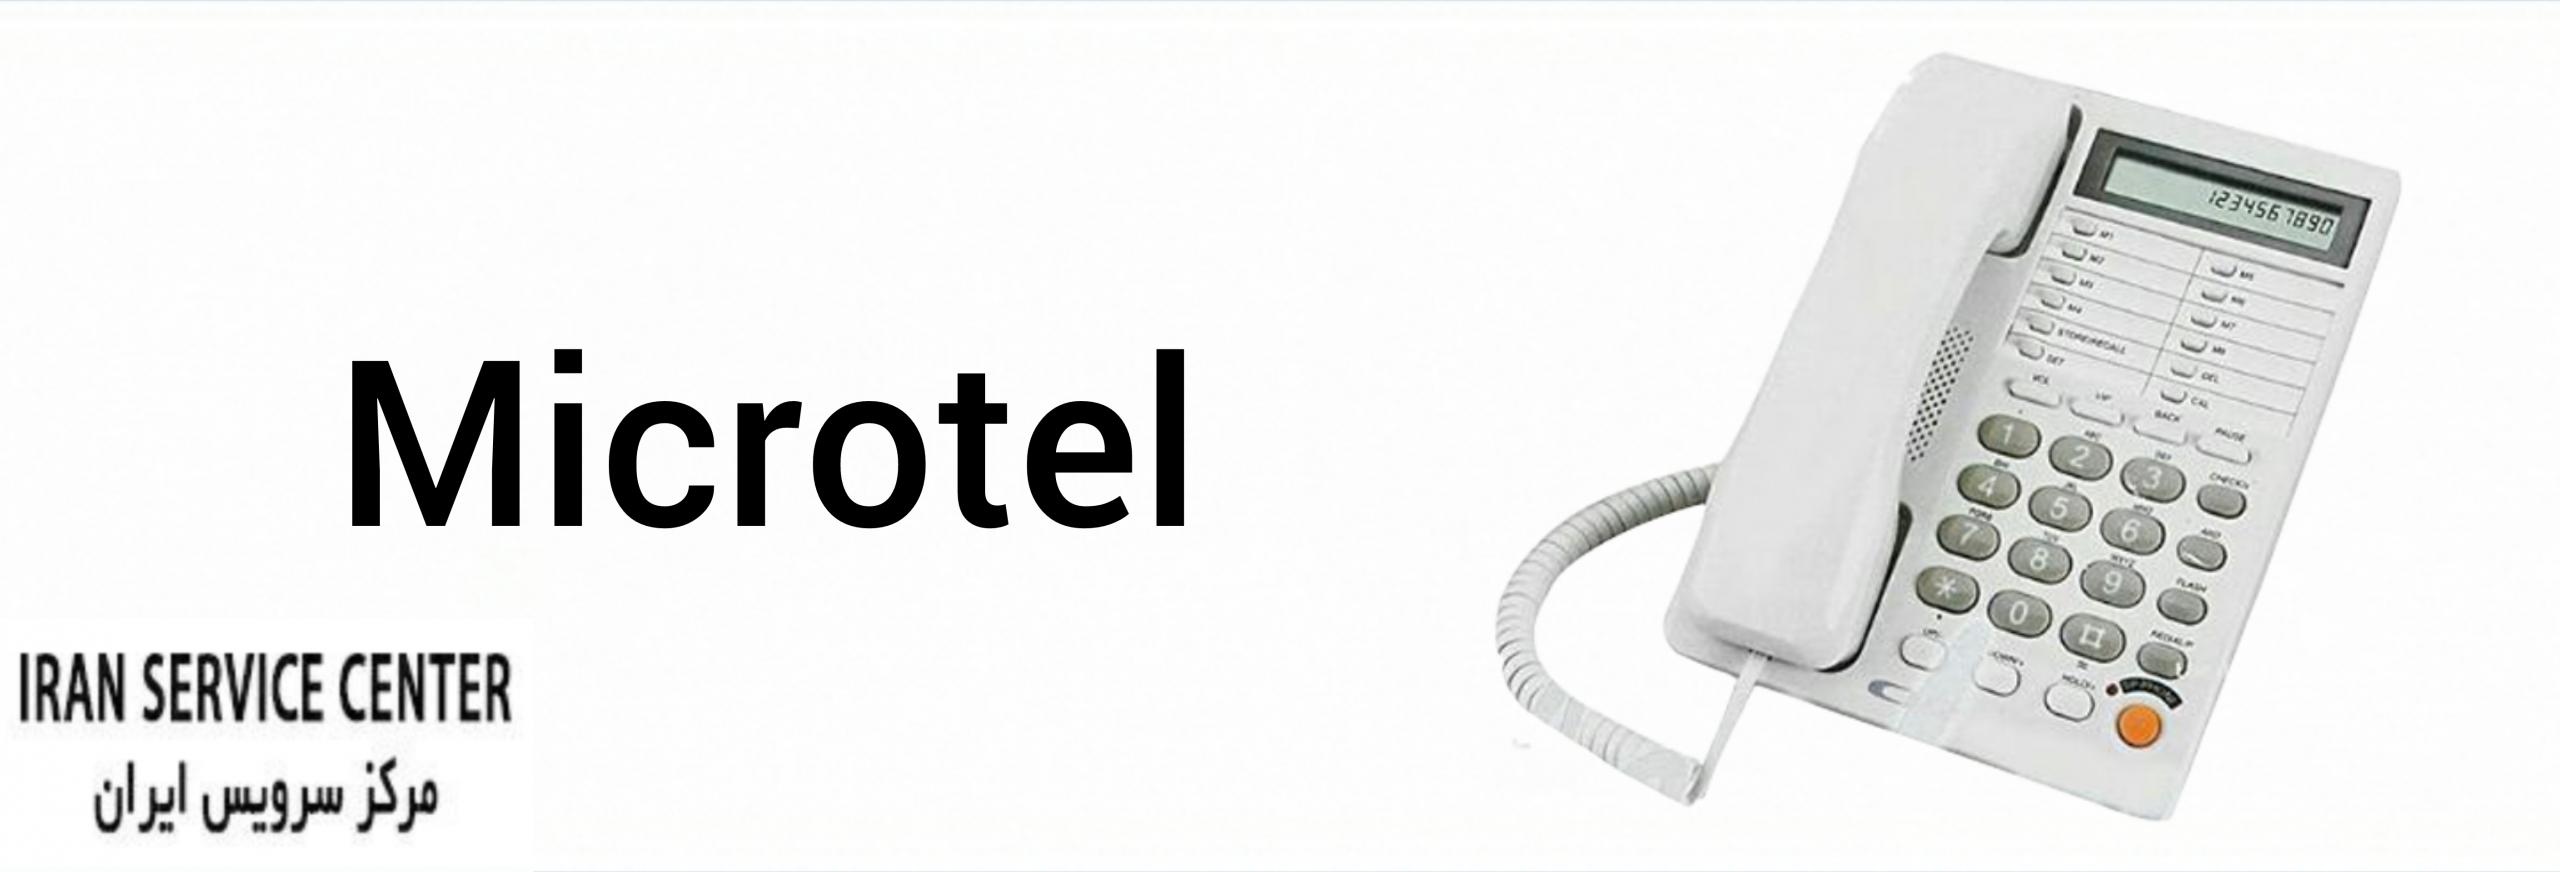 نمایندگی تعمیرات تلفن میکروتل (microtel)